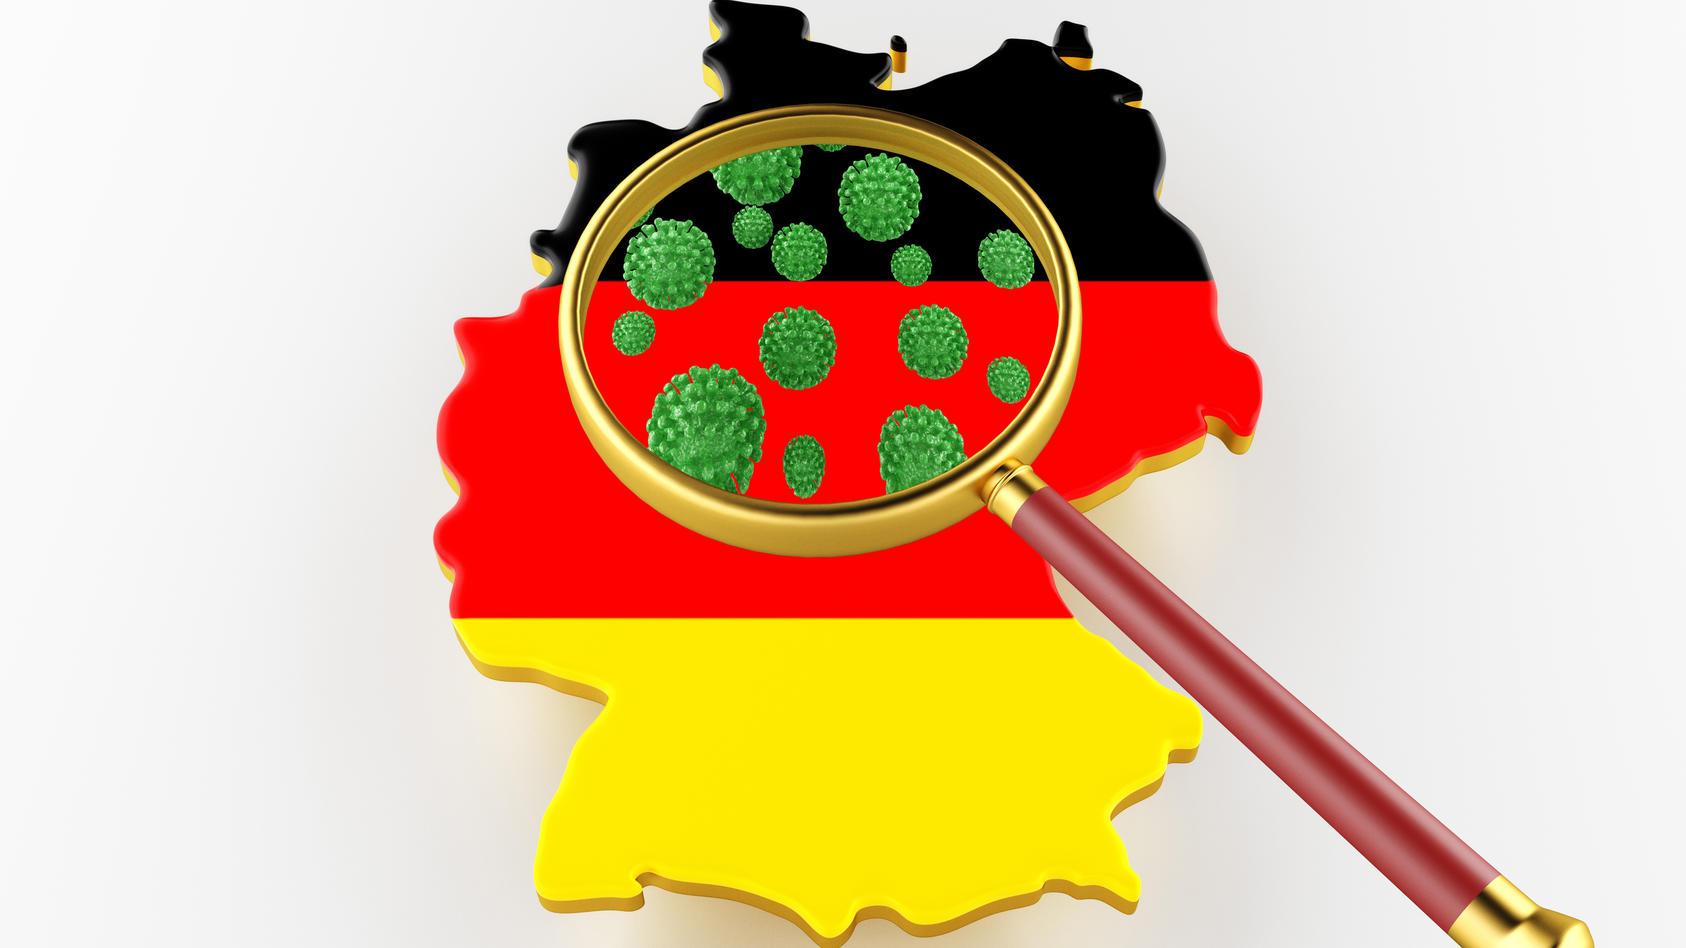 Einige Regionen in Deutschland sind stark vom Coronavirus betroffen, andere kaum. Wir zeigen, wo die Zahlen am höchsten sind. (Symbolbild)